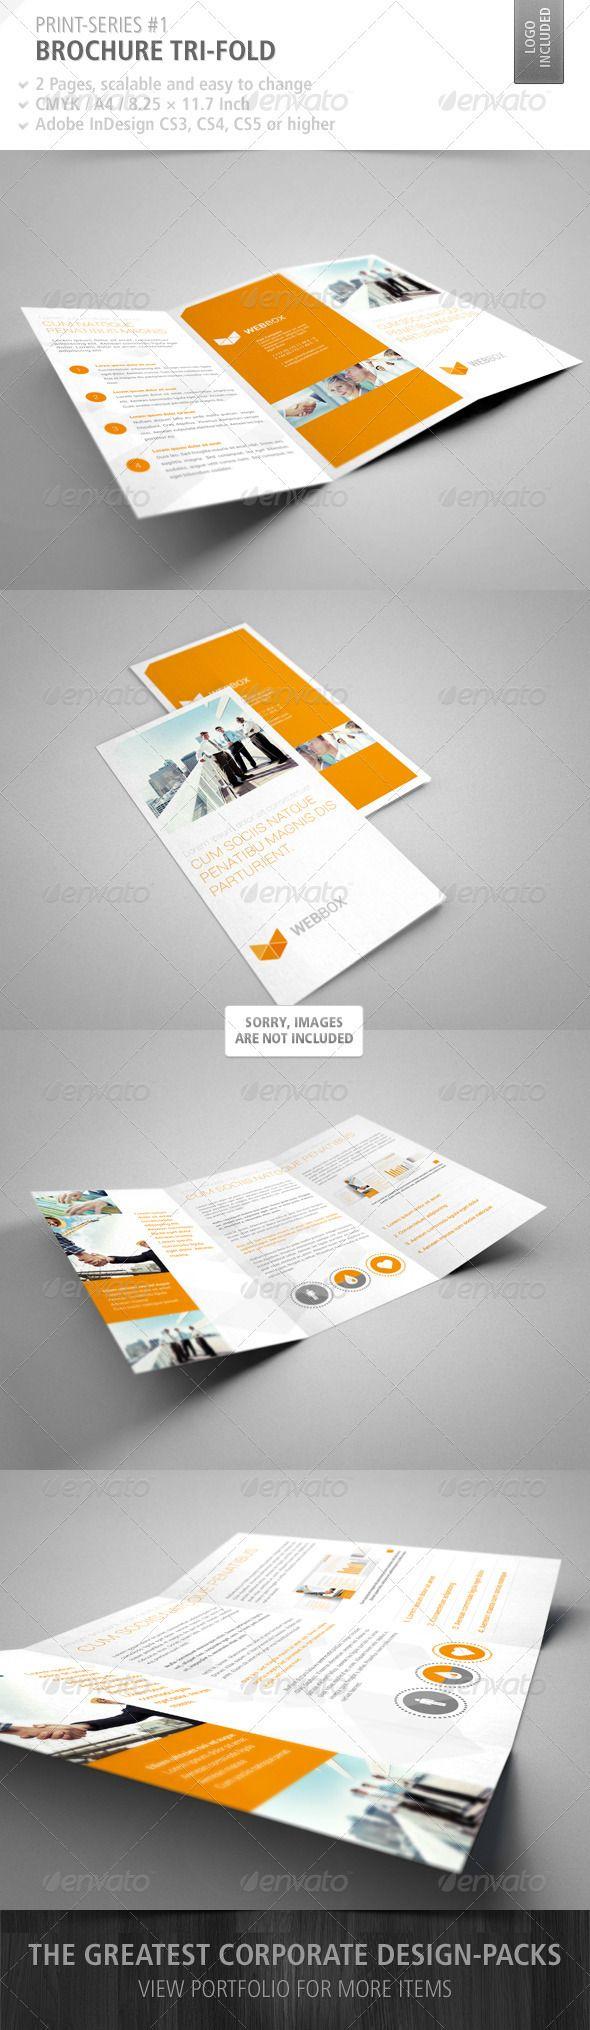 Brochure Tri-Fold Print-Series #1